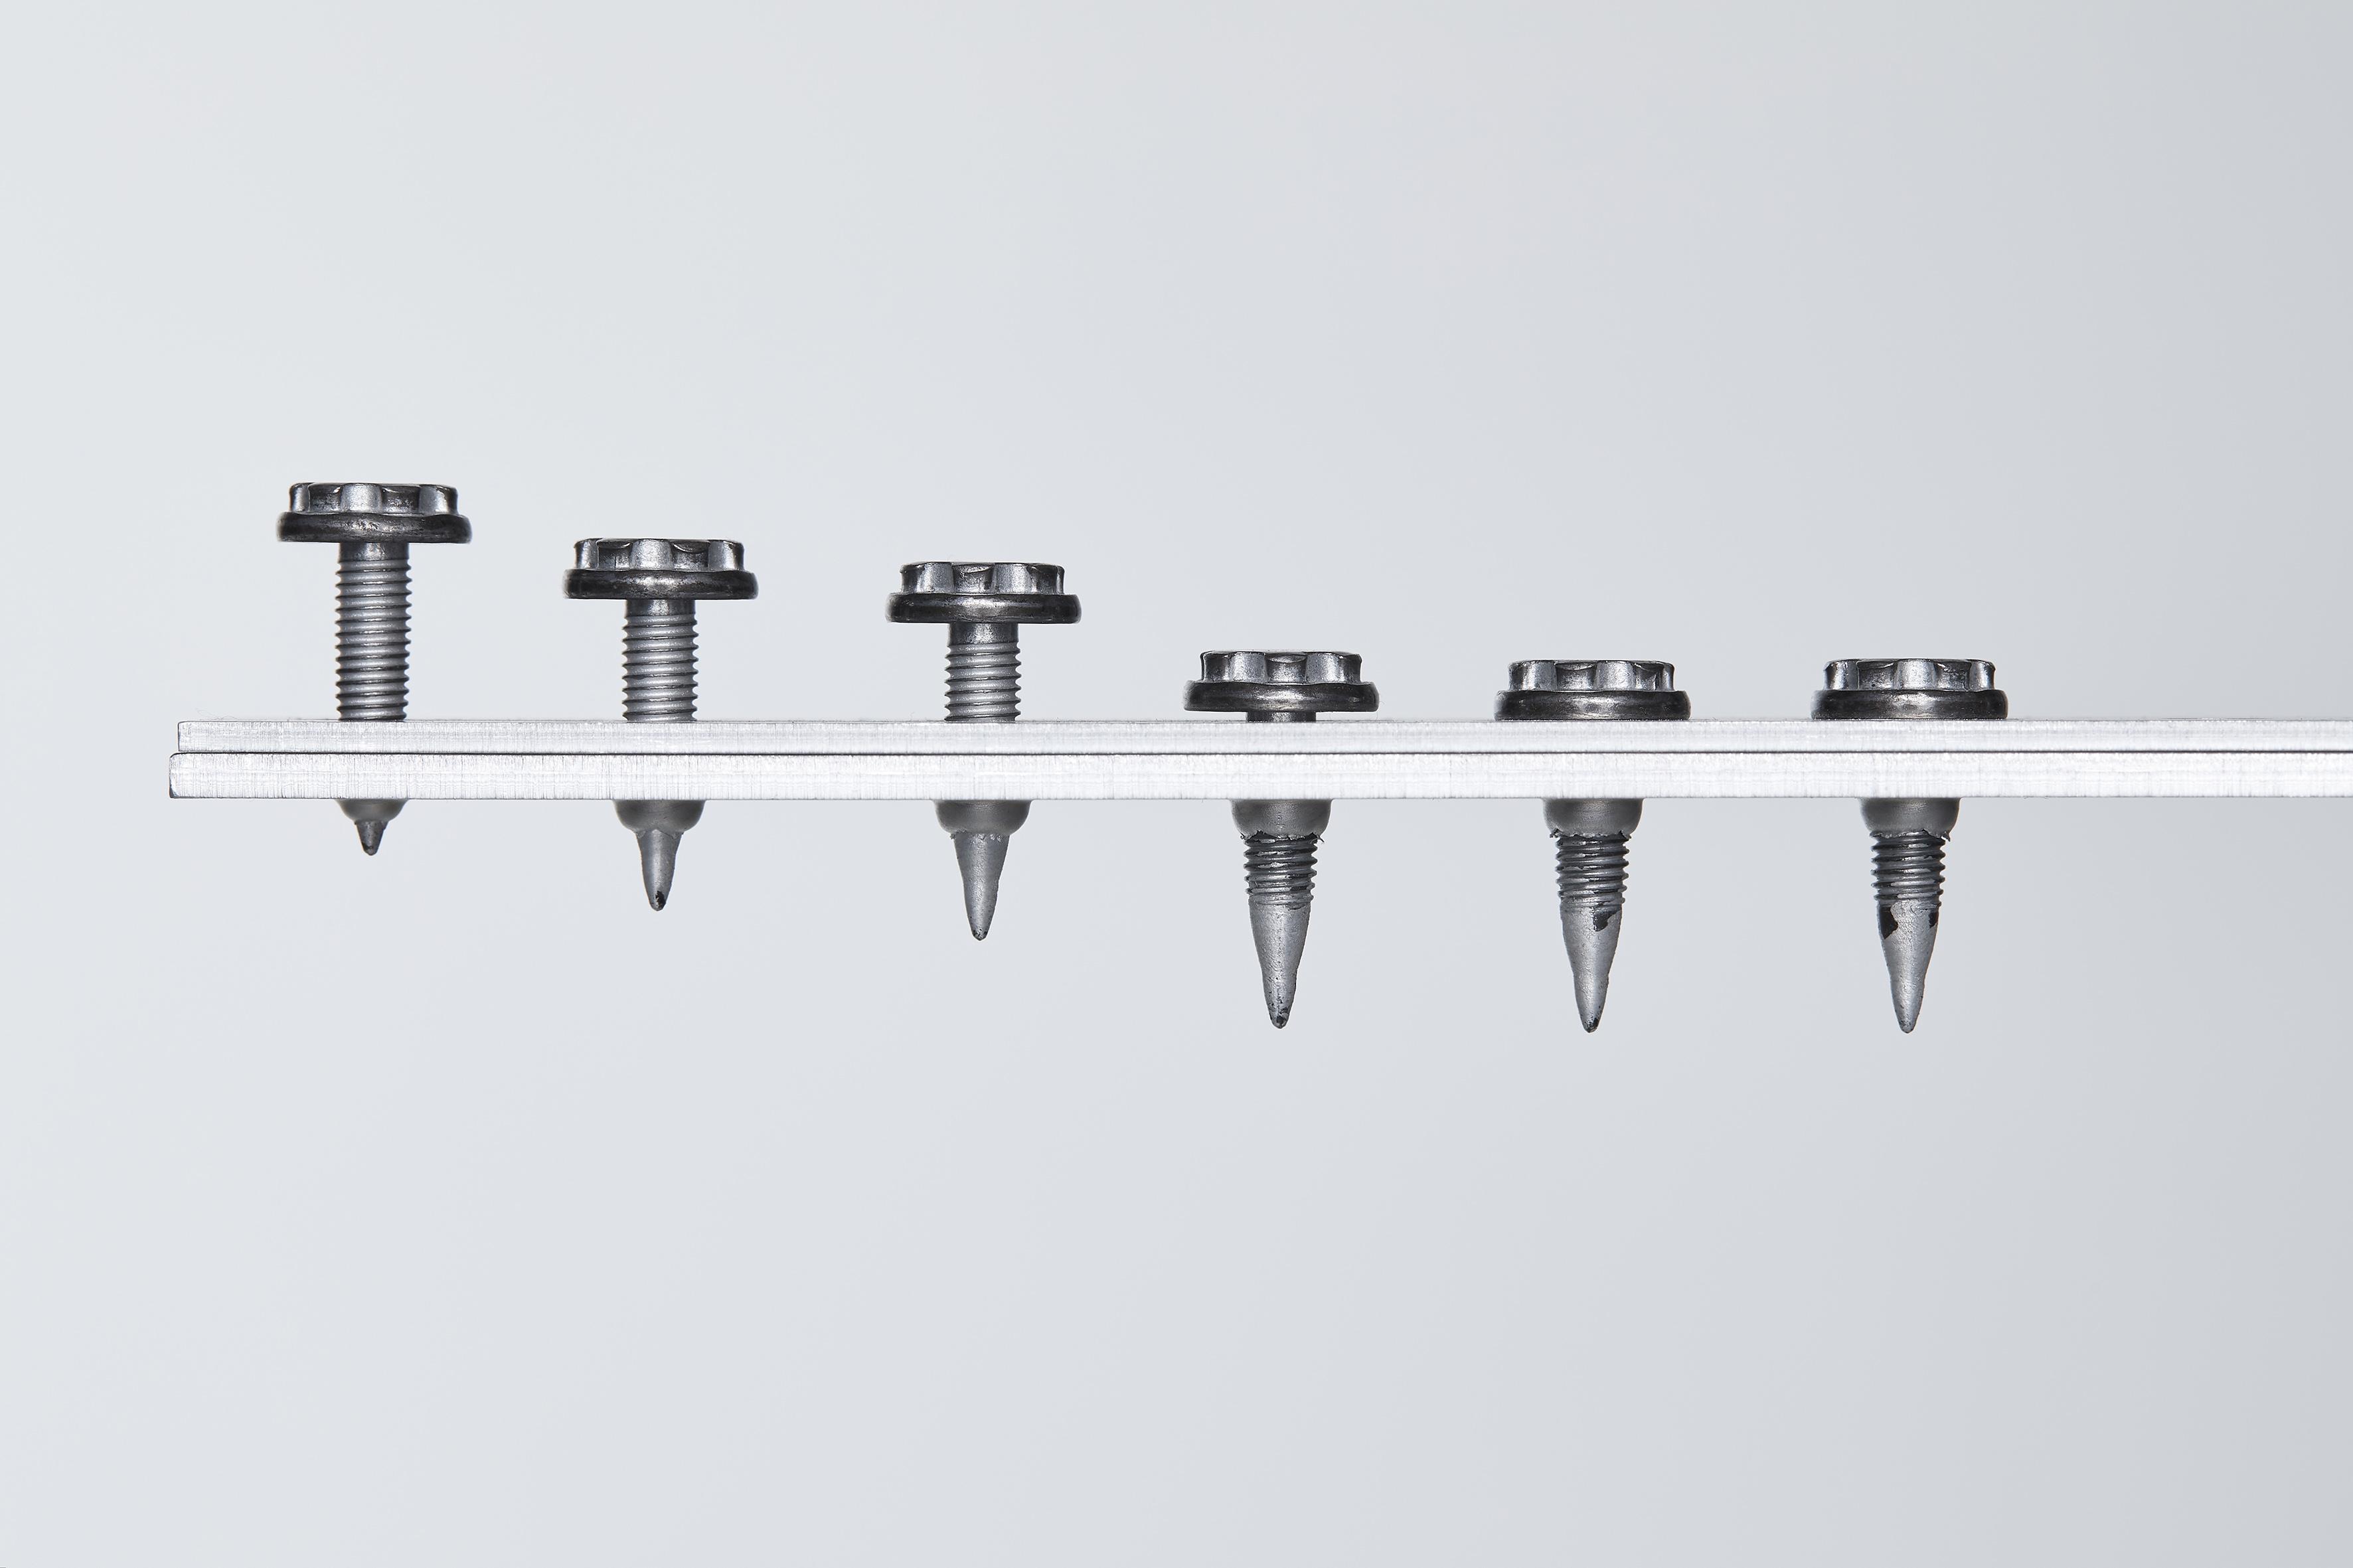 Fließlochschrauben: In 5 Schritten die Verbindungen absichern